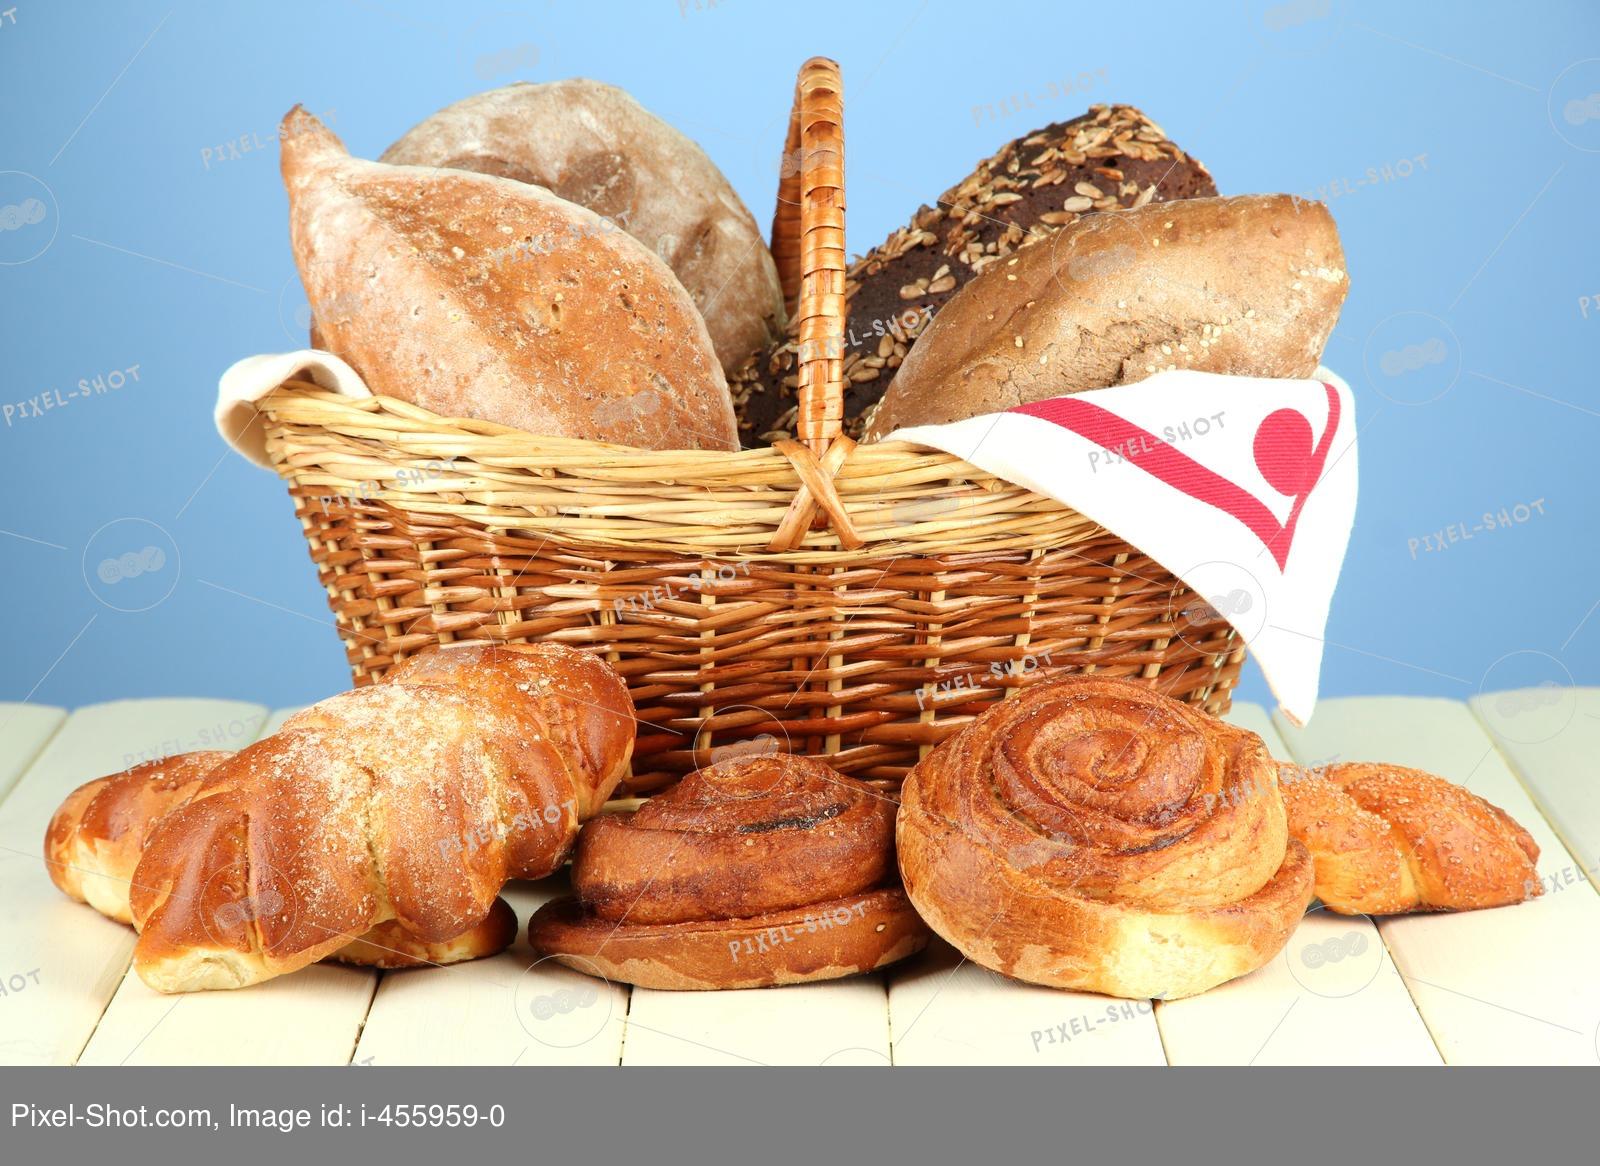 Кормление кур хлебом – как правильно давать булки и батоны?